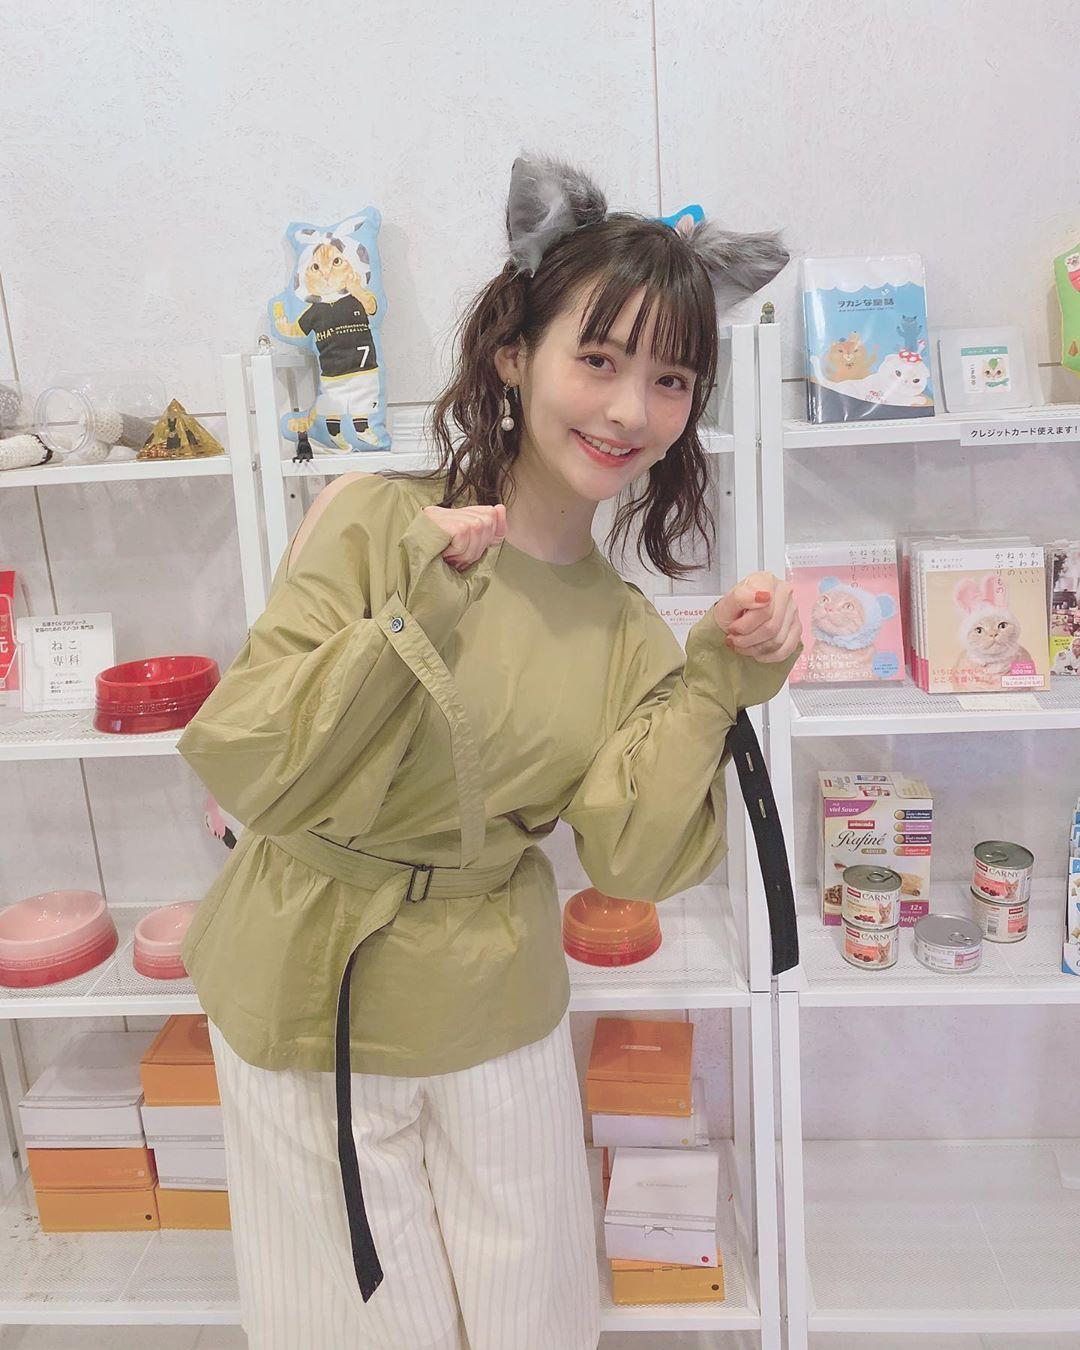 上坂堇 内田真礼 LO装合影 政委猫耳猫咖撸猫